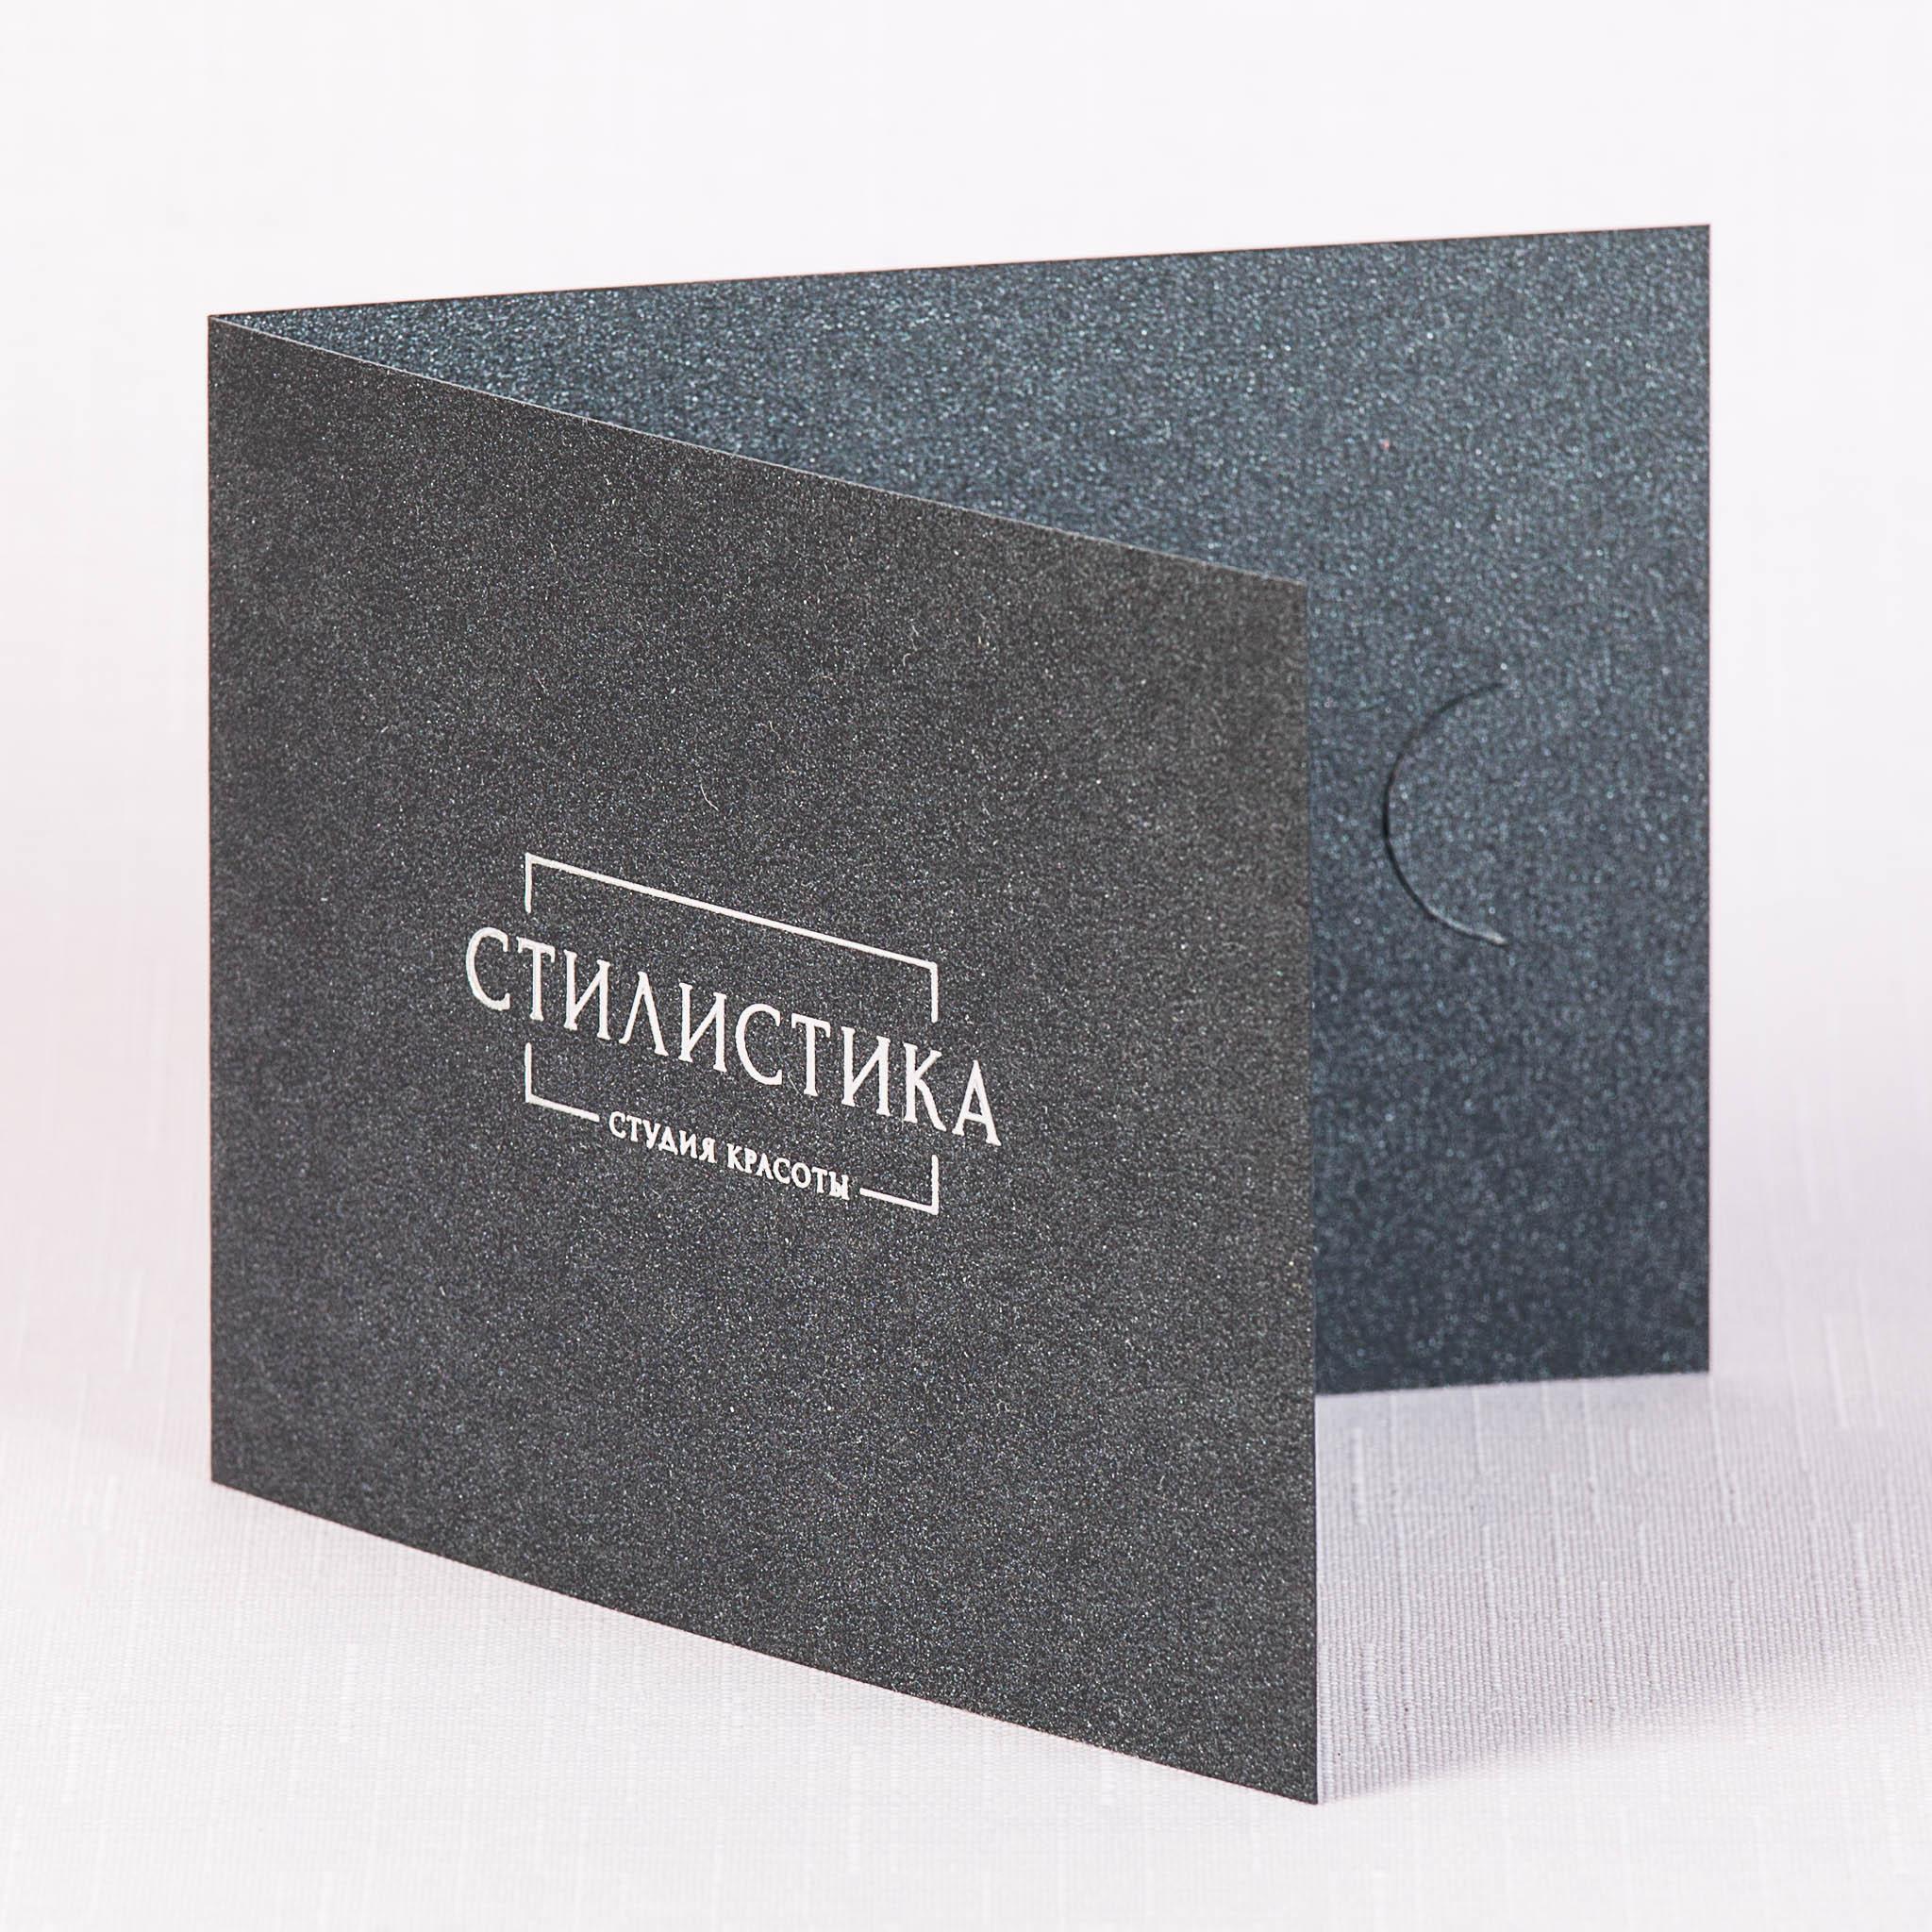 Подарочная упаоквка для карты салона из маджестика с тиснением